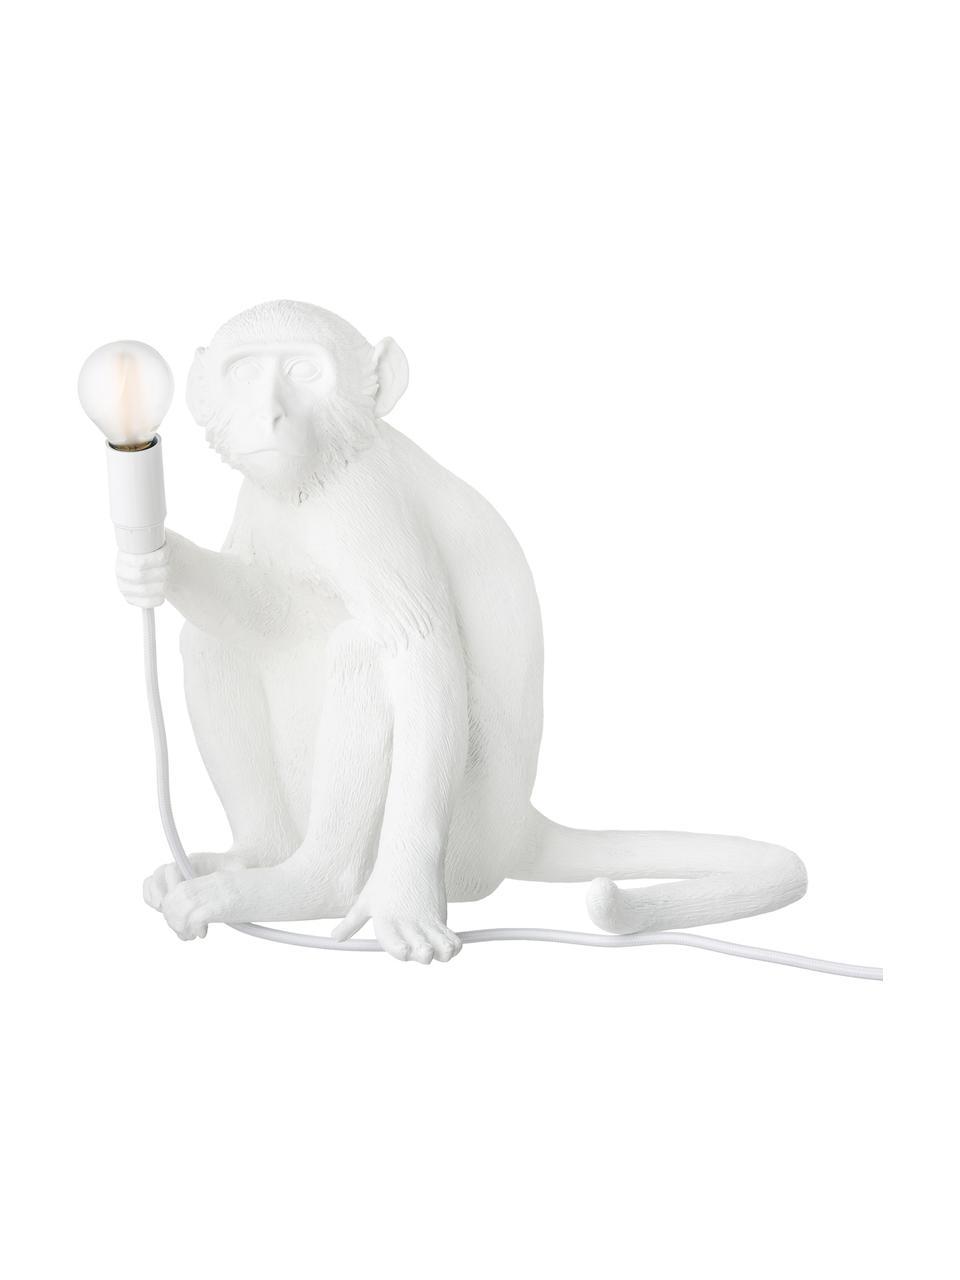 Design Außentischlampe Monkey mit Stecker, Leuchte: Kunstharz, Weiß, 34 x 32 cm